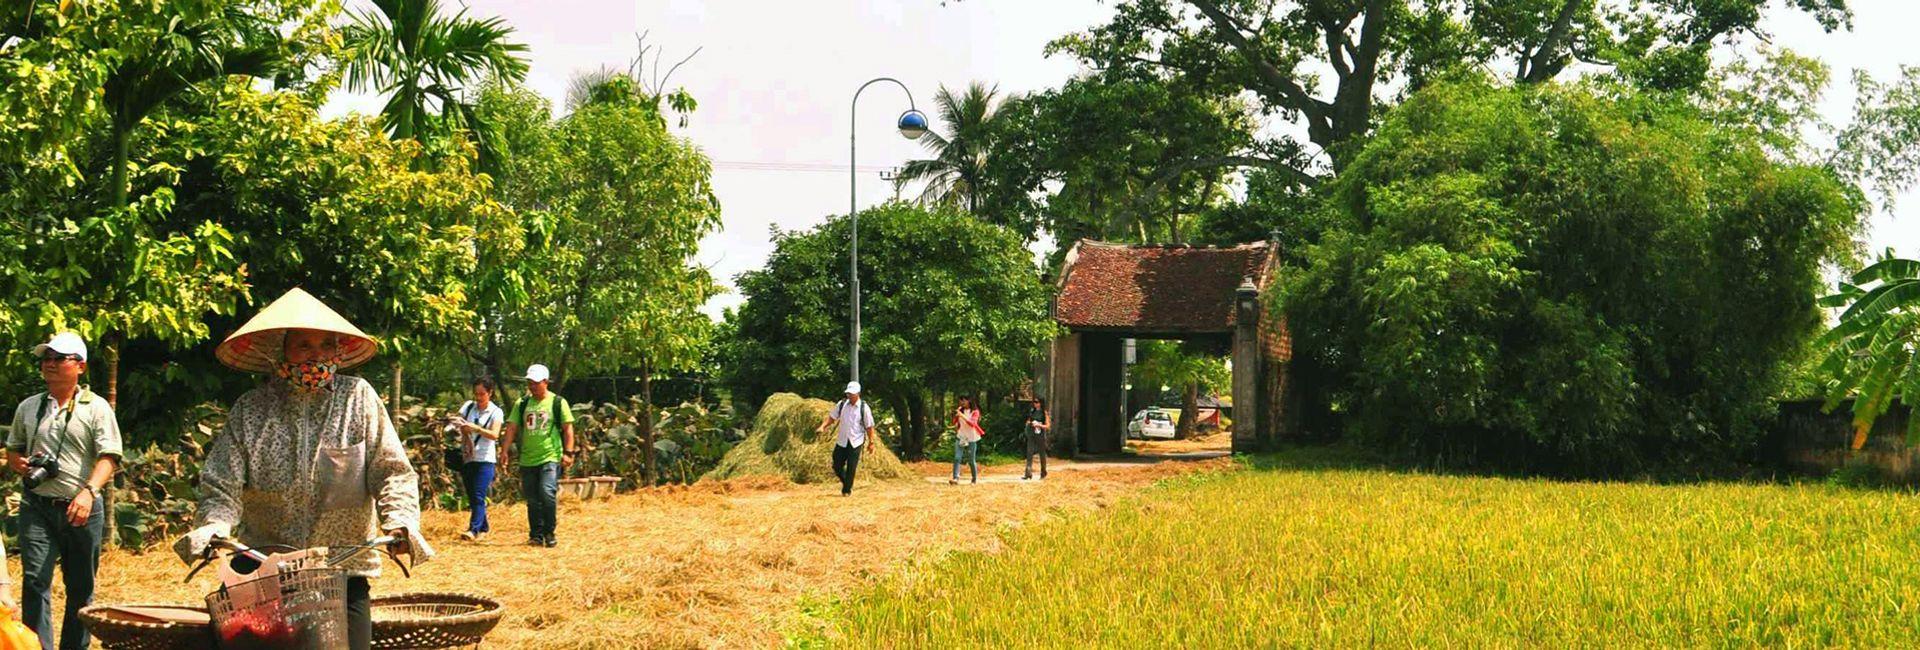 Làng cổ đường Lâm - Hướng dẫn du lịch chi tiết nhất